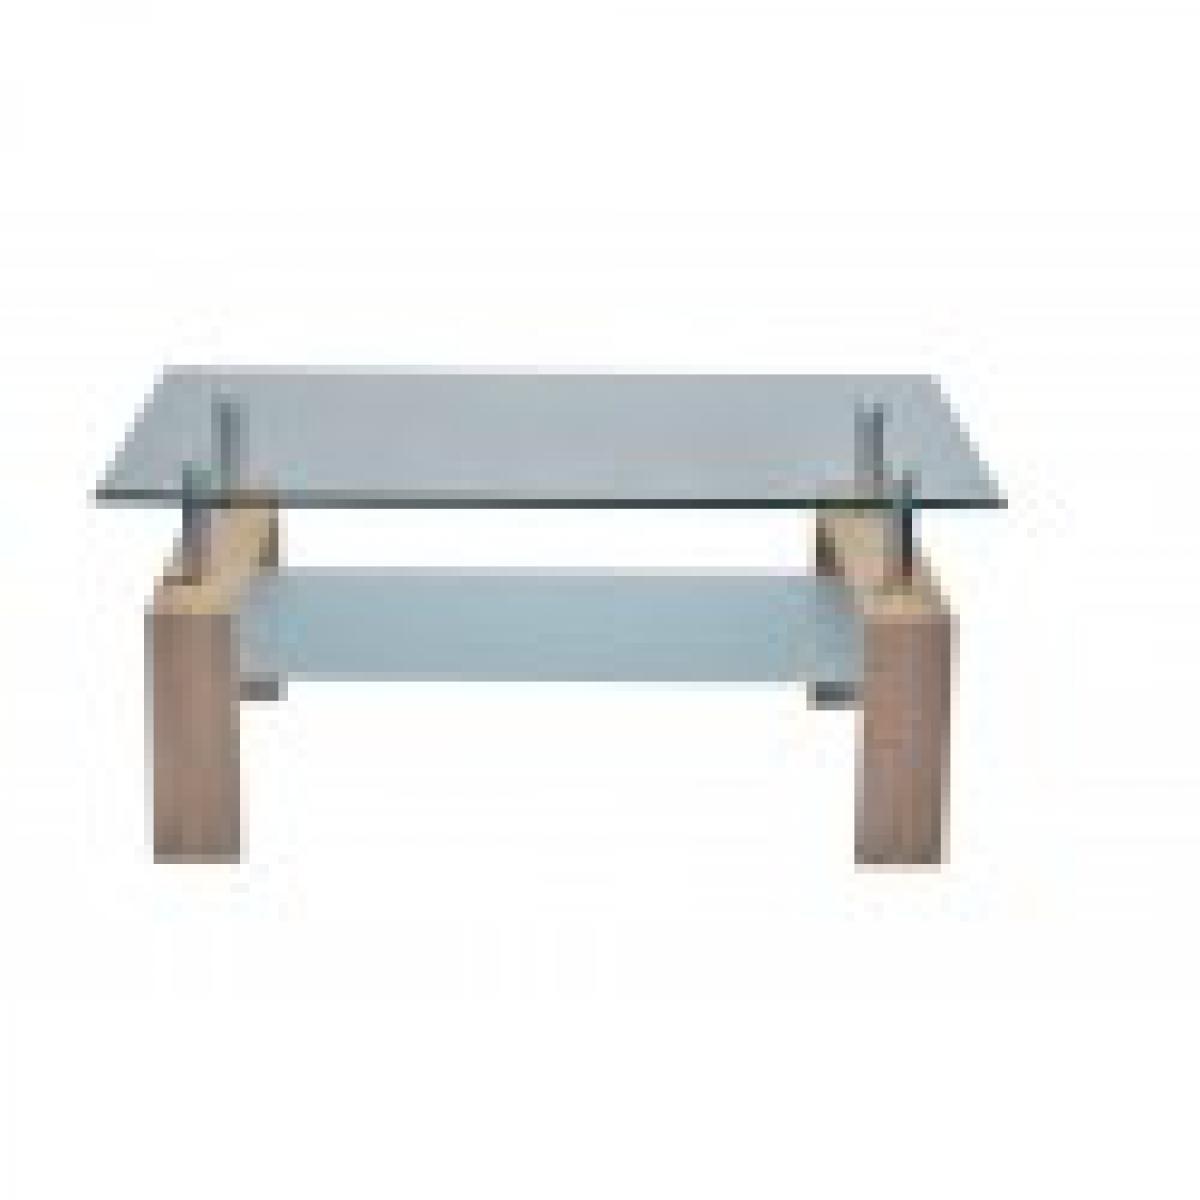 meublorama Table basse FLORENCE rectangulaire design plateau en verre et sous-plateau en verre sablé, pieds coloris chêne.